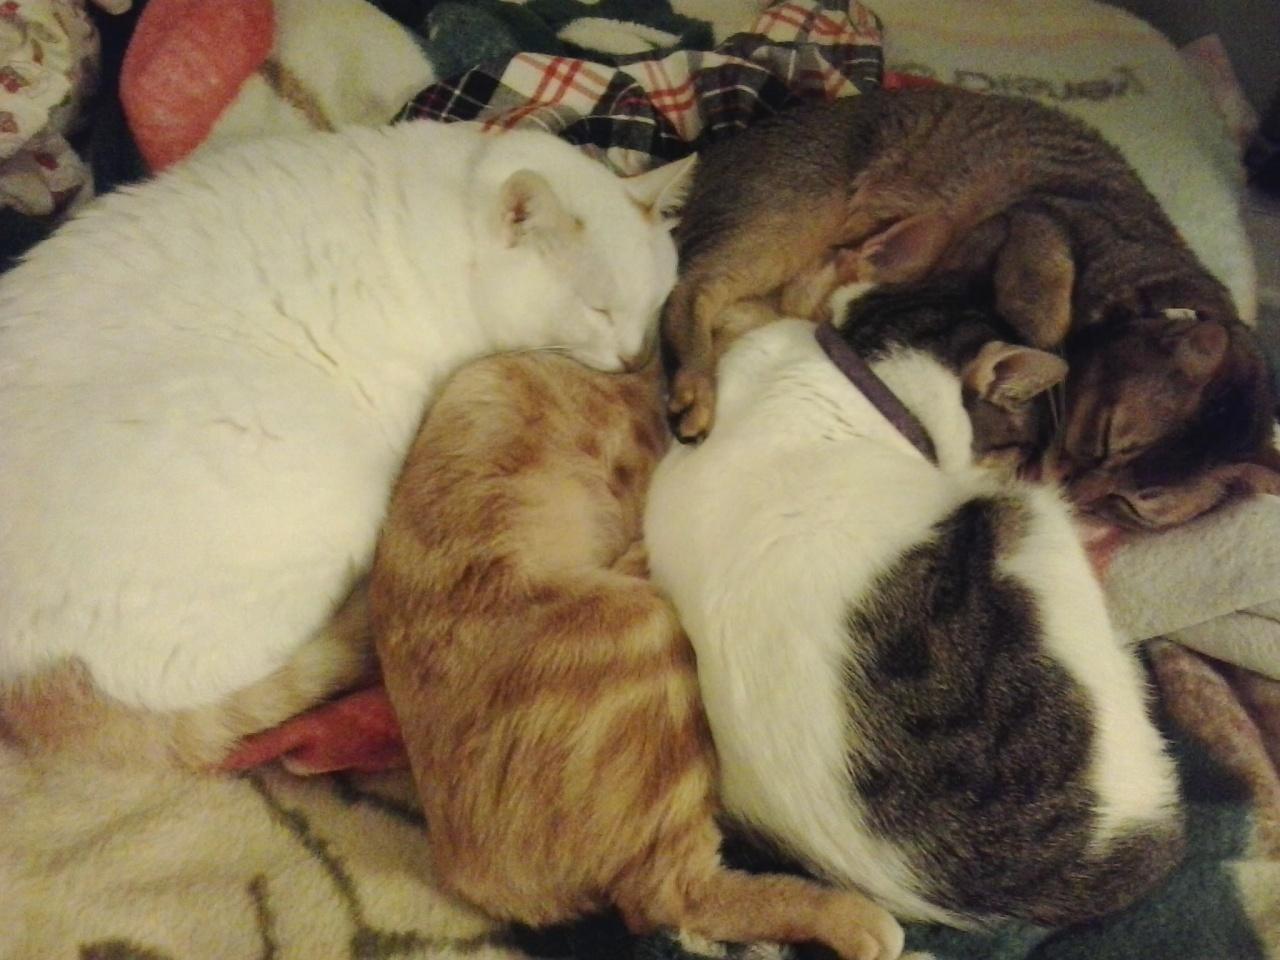 張婉雯領養的貓(左起)罅罅、盼盼、必必、BB車,作為貓主,她也反問社區動物的出路是否只有被領養?(圖:由受訪者提供)